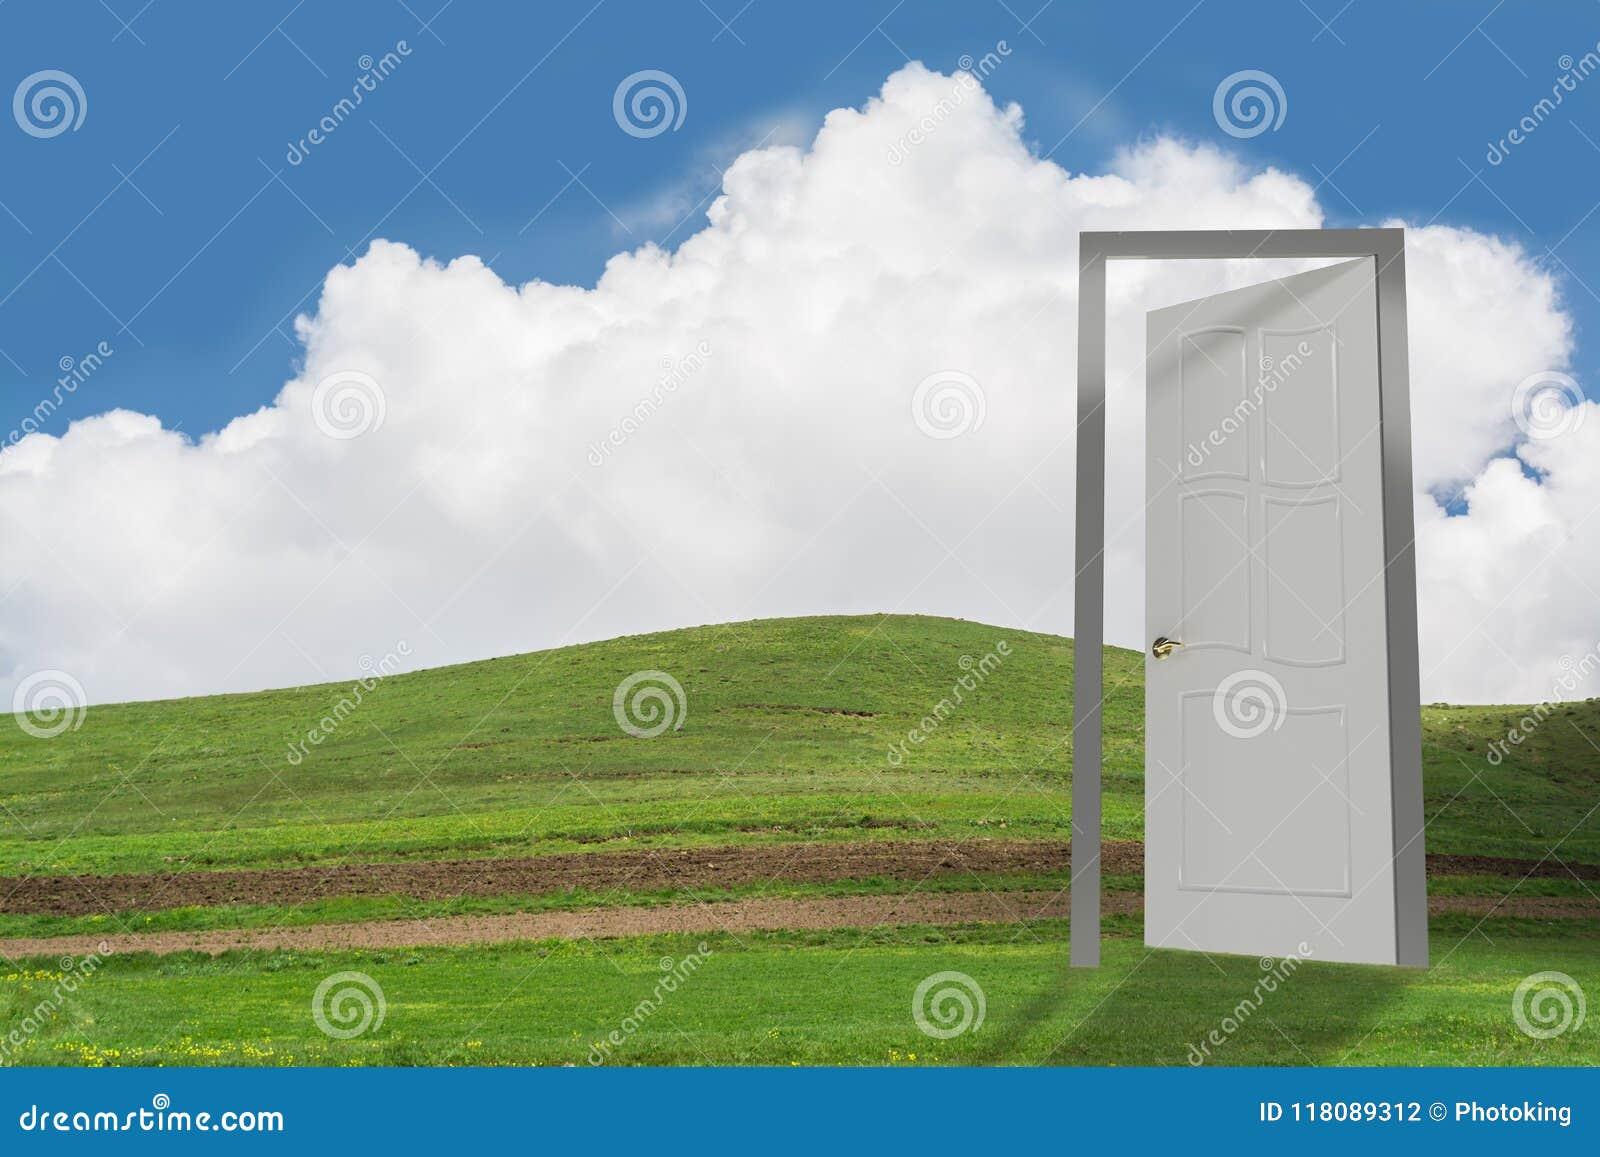 Porte ouverte sur la terre verte